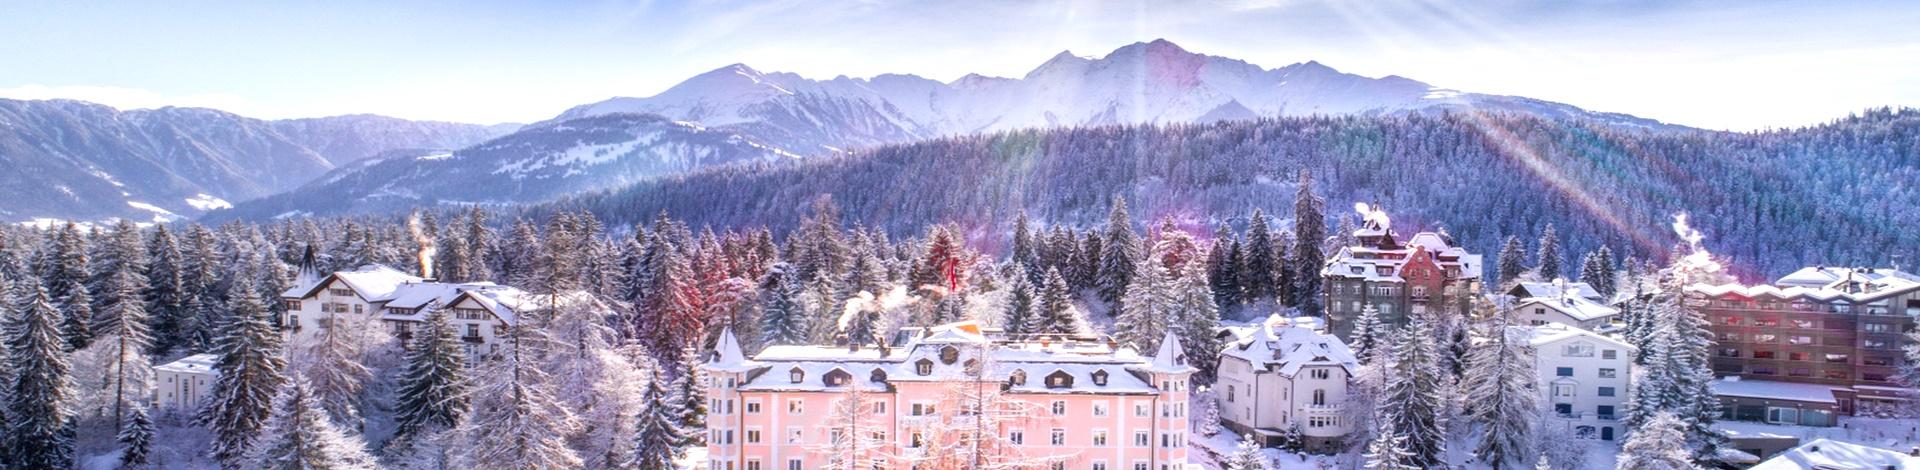 Einzigartige Skihotels: Panoramaaufnahme vom Romantik Hotel Schweizerhof, in verschneiter Waldlandschaft